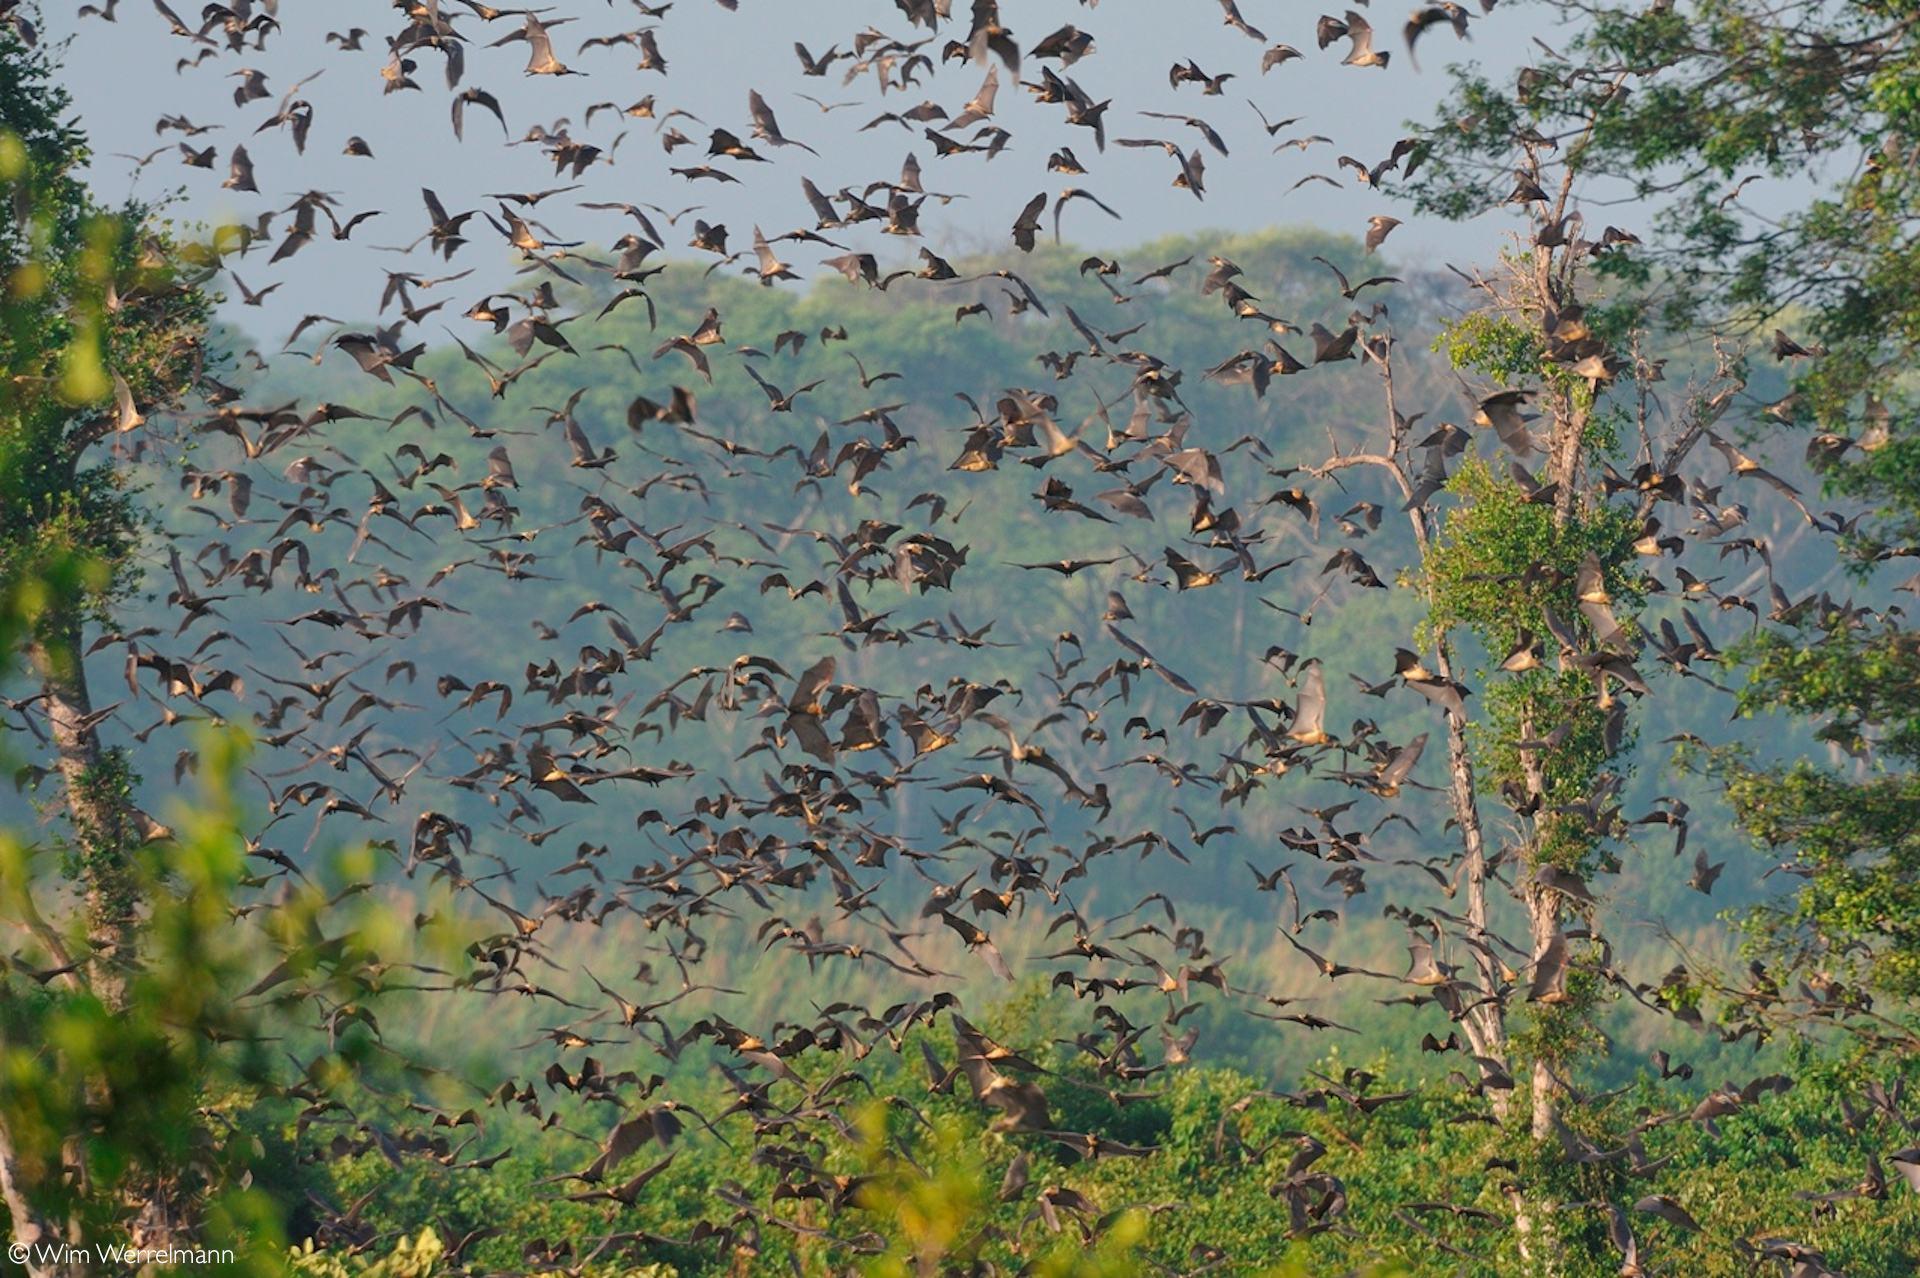 The Kasanka bat migration in all it's glory